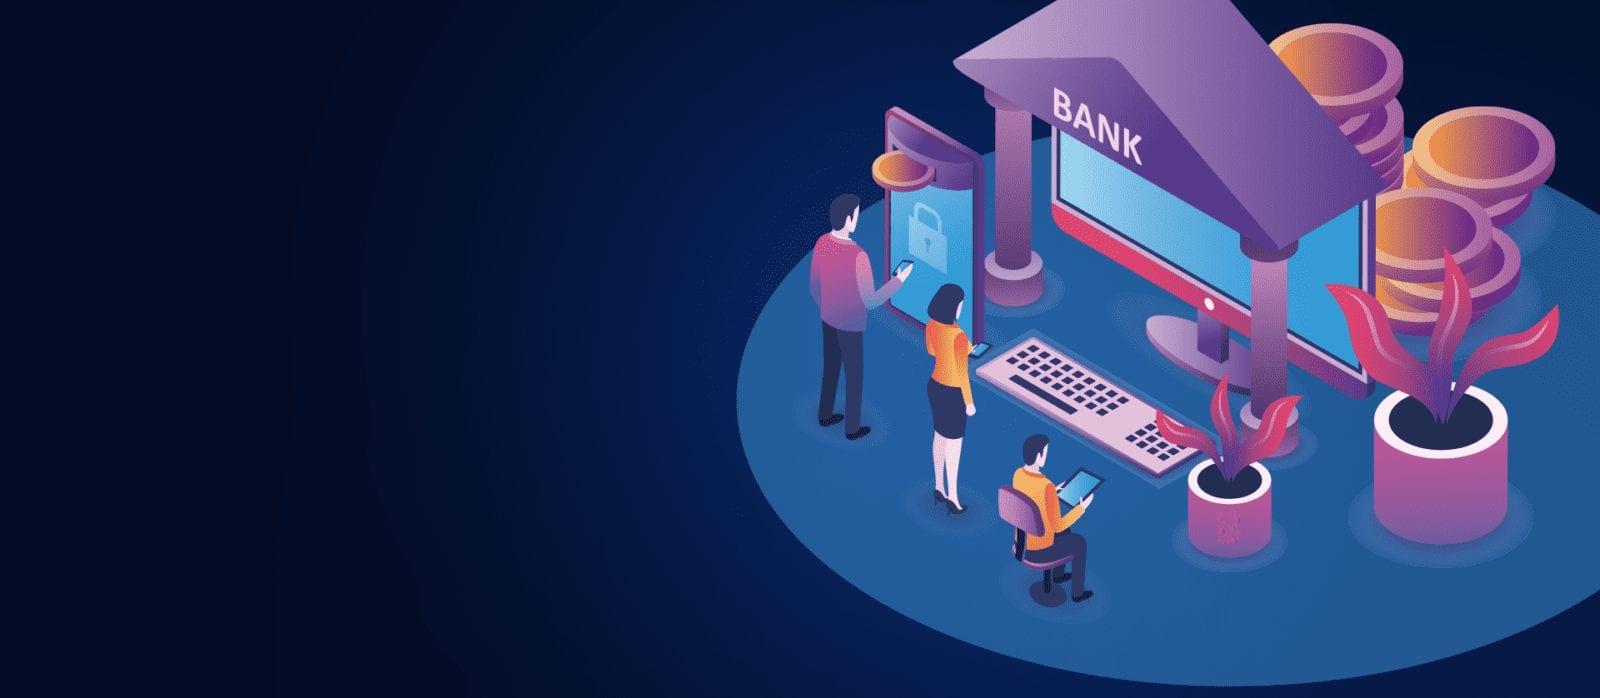 הפיכתו של סילברגייט לבנק המוביל עבור חברות קריפטו